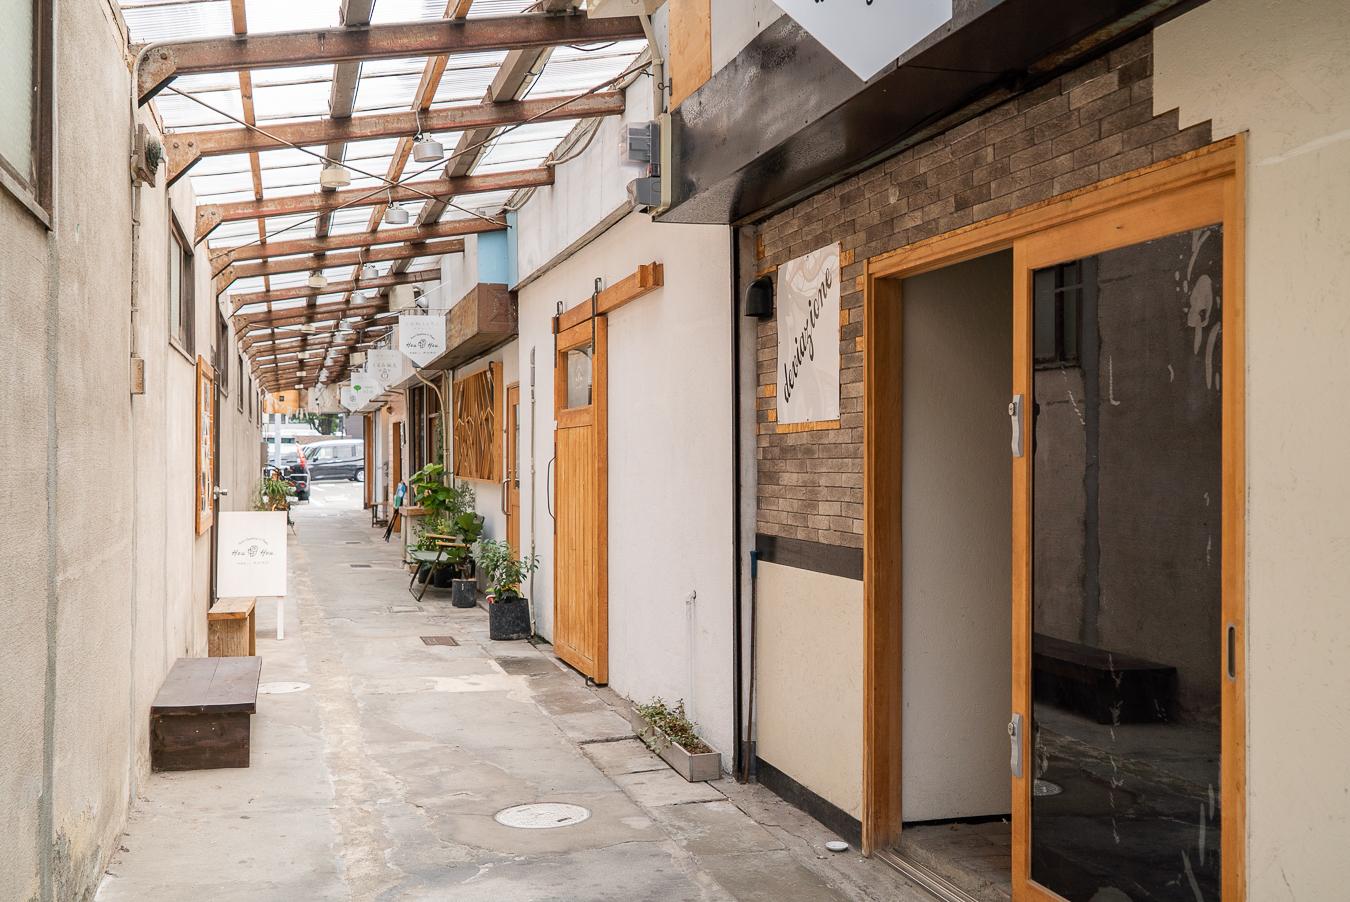 【 入居者募集!】10軒のお店がならぶリノベーション長屋「comichiかわらぐち」